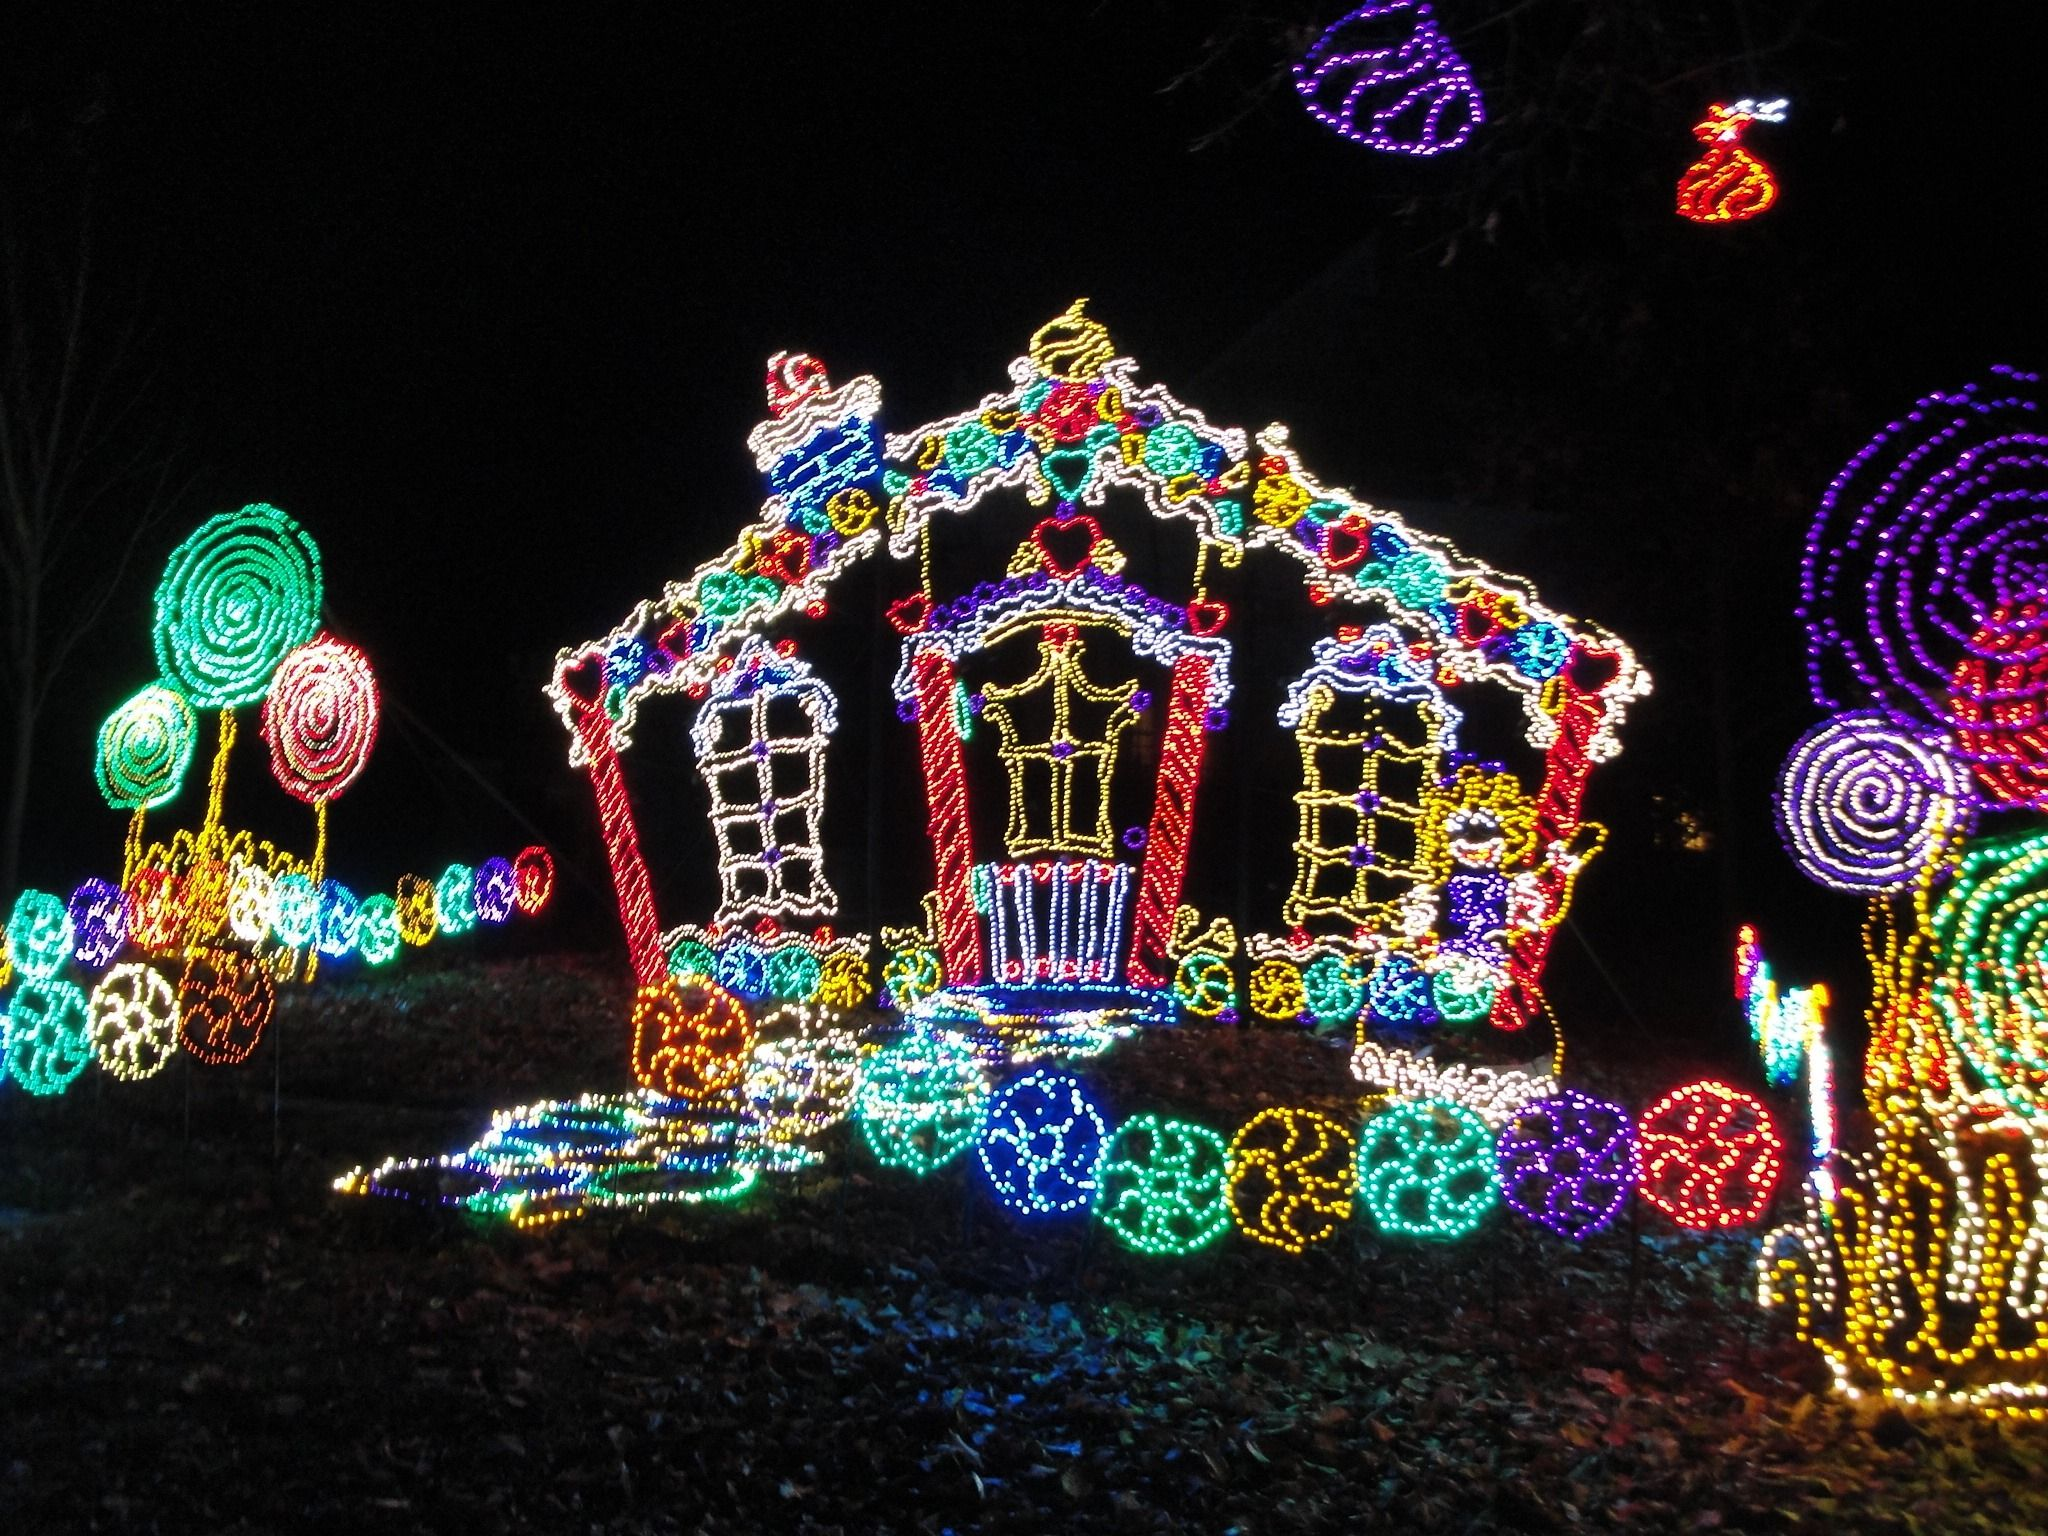 Visiting Rock Citys Enchanted Garden of Lights Enchanted garden